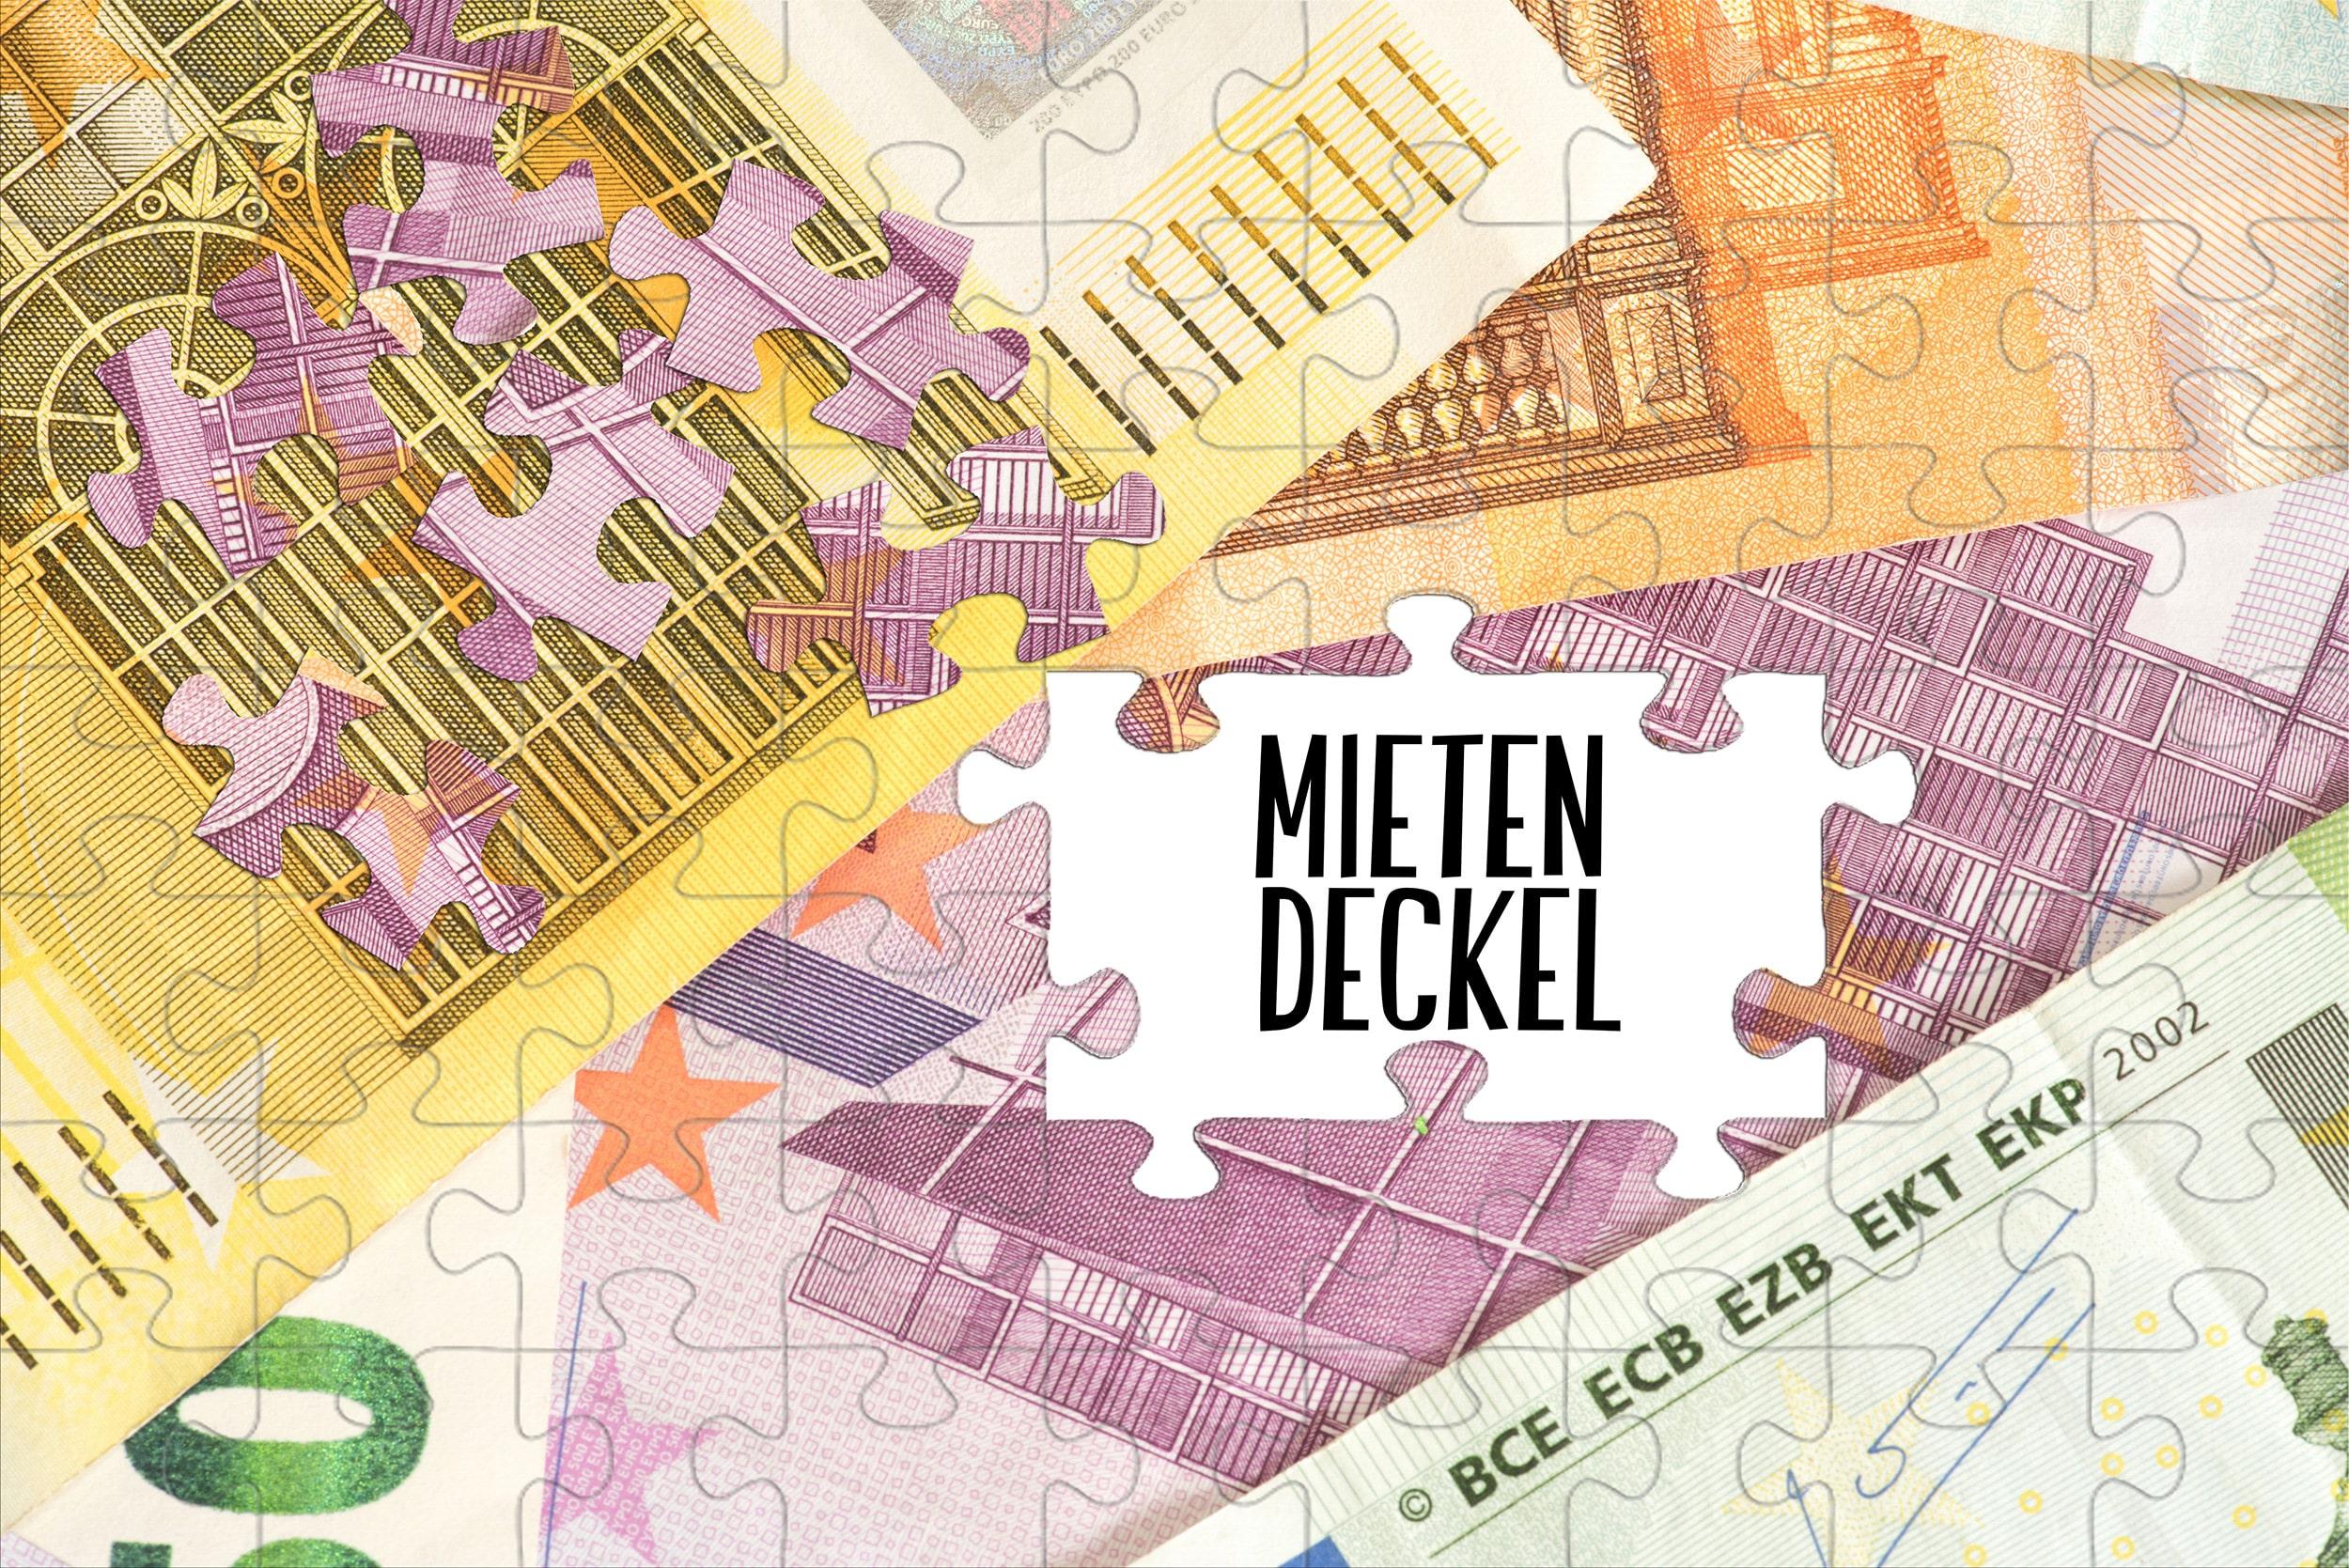 Kanzlei Reimann Potsdam Mietendeckel gekippt Mietrecht Potsdam